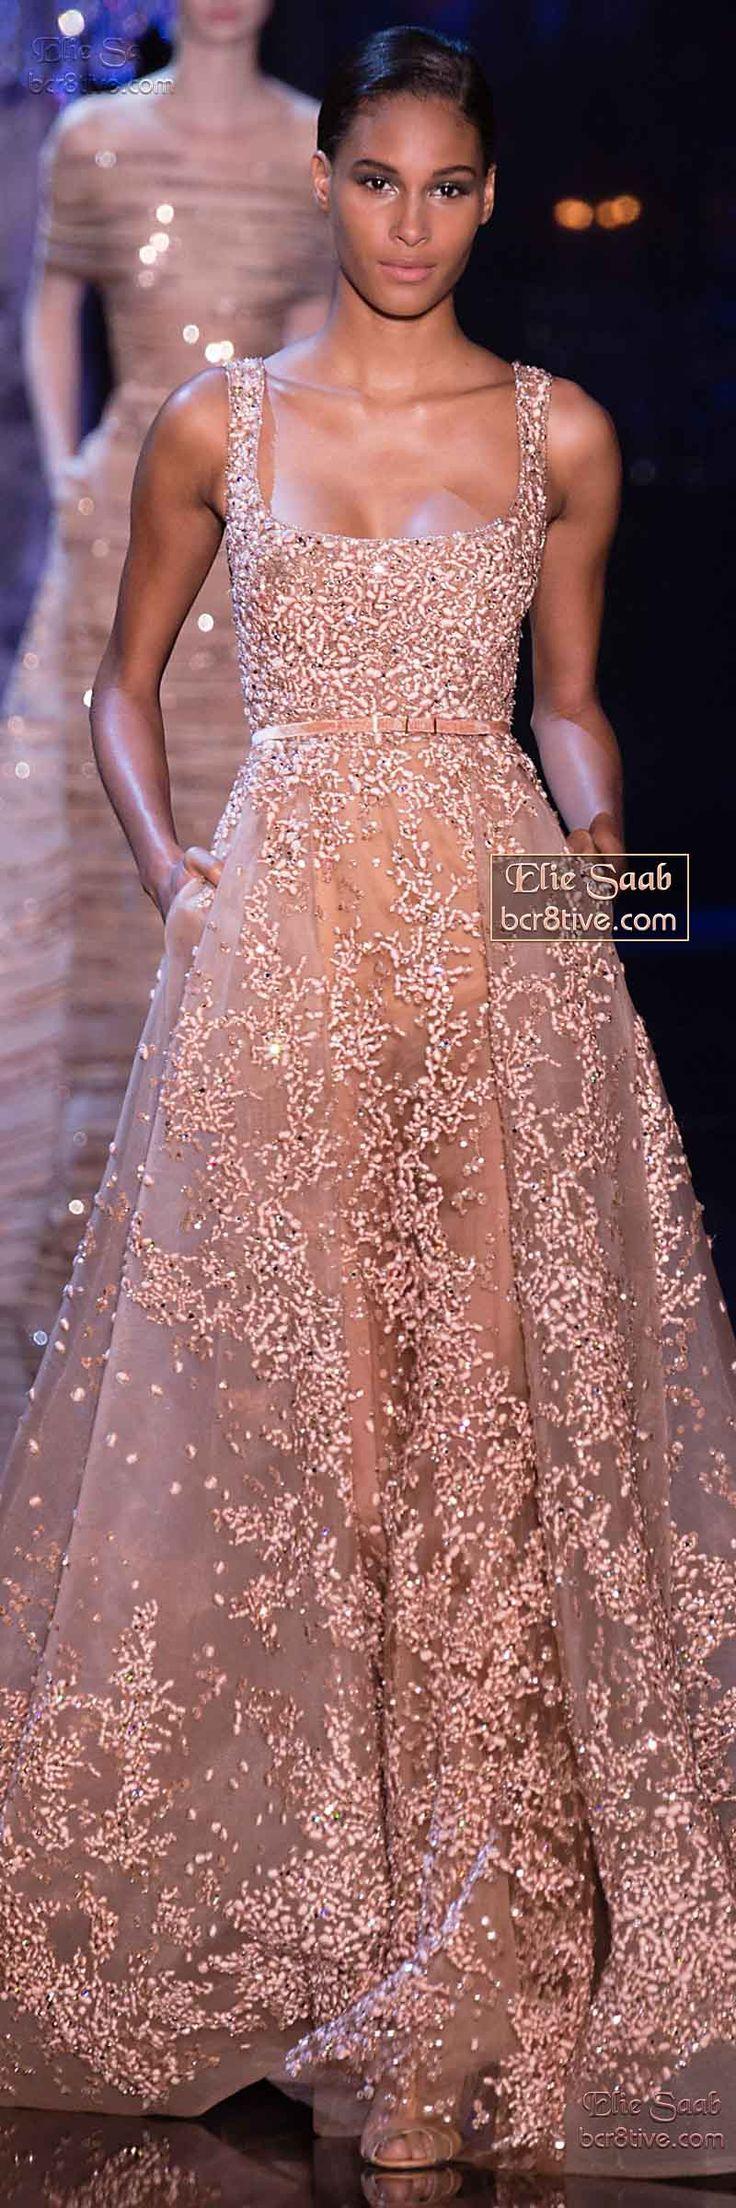 Asombroso Vestidos De Fiesta En Nh Colección de Imágenes - Colección ...